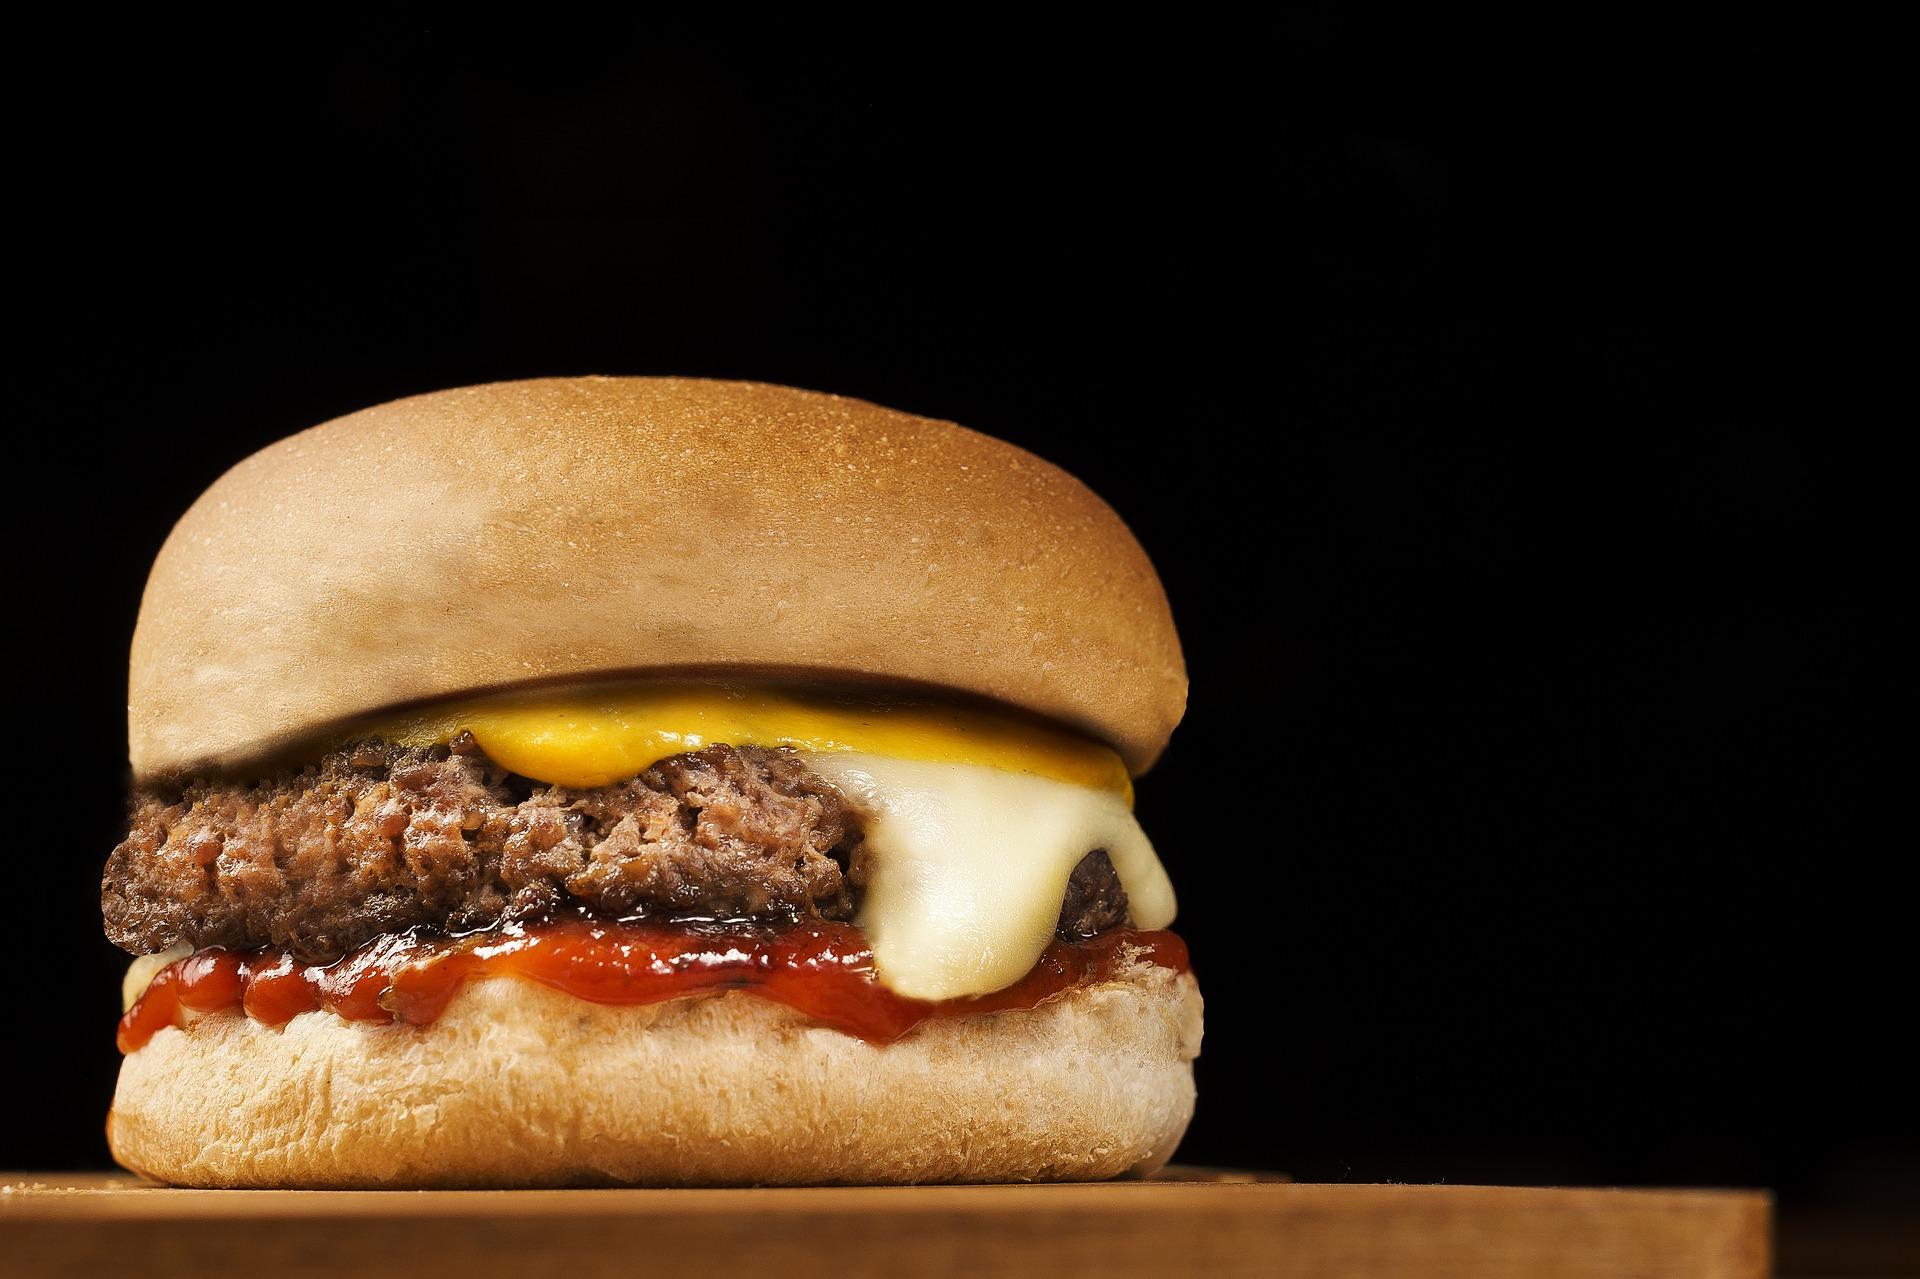 burger-2707320_1920_jp-linguistics.jpg